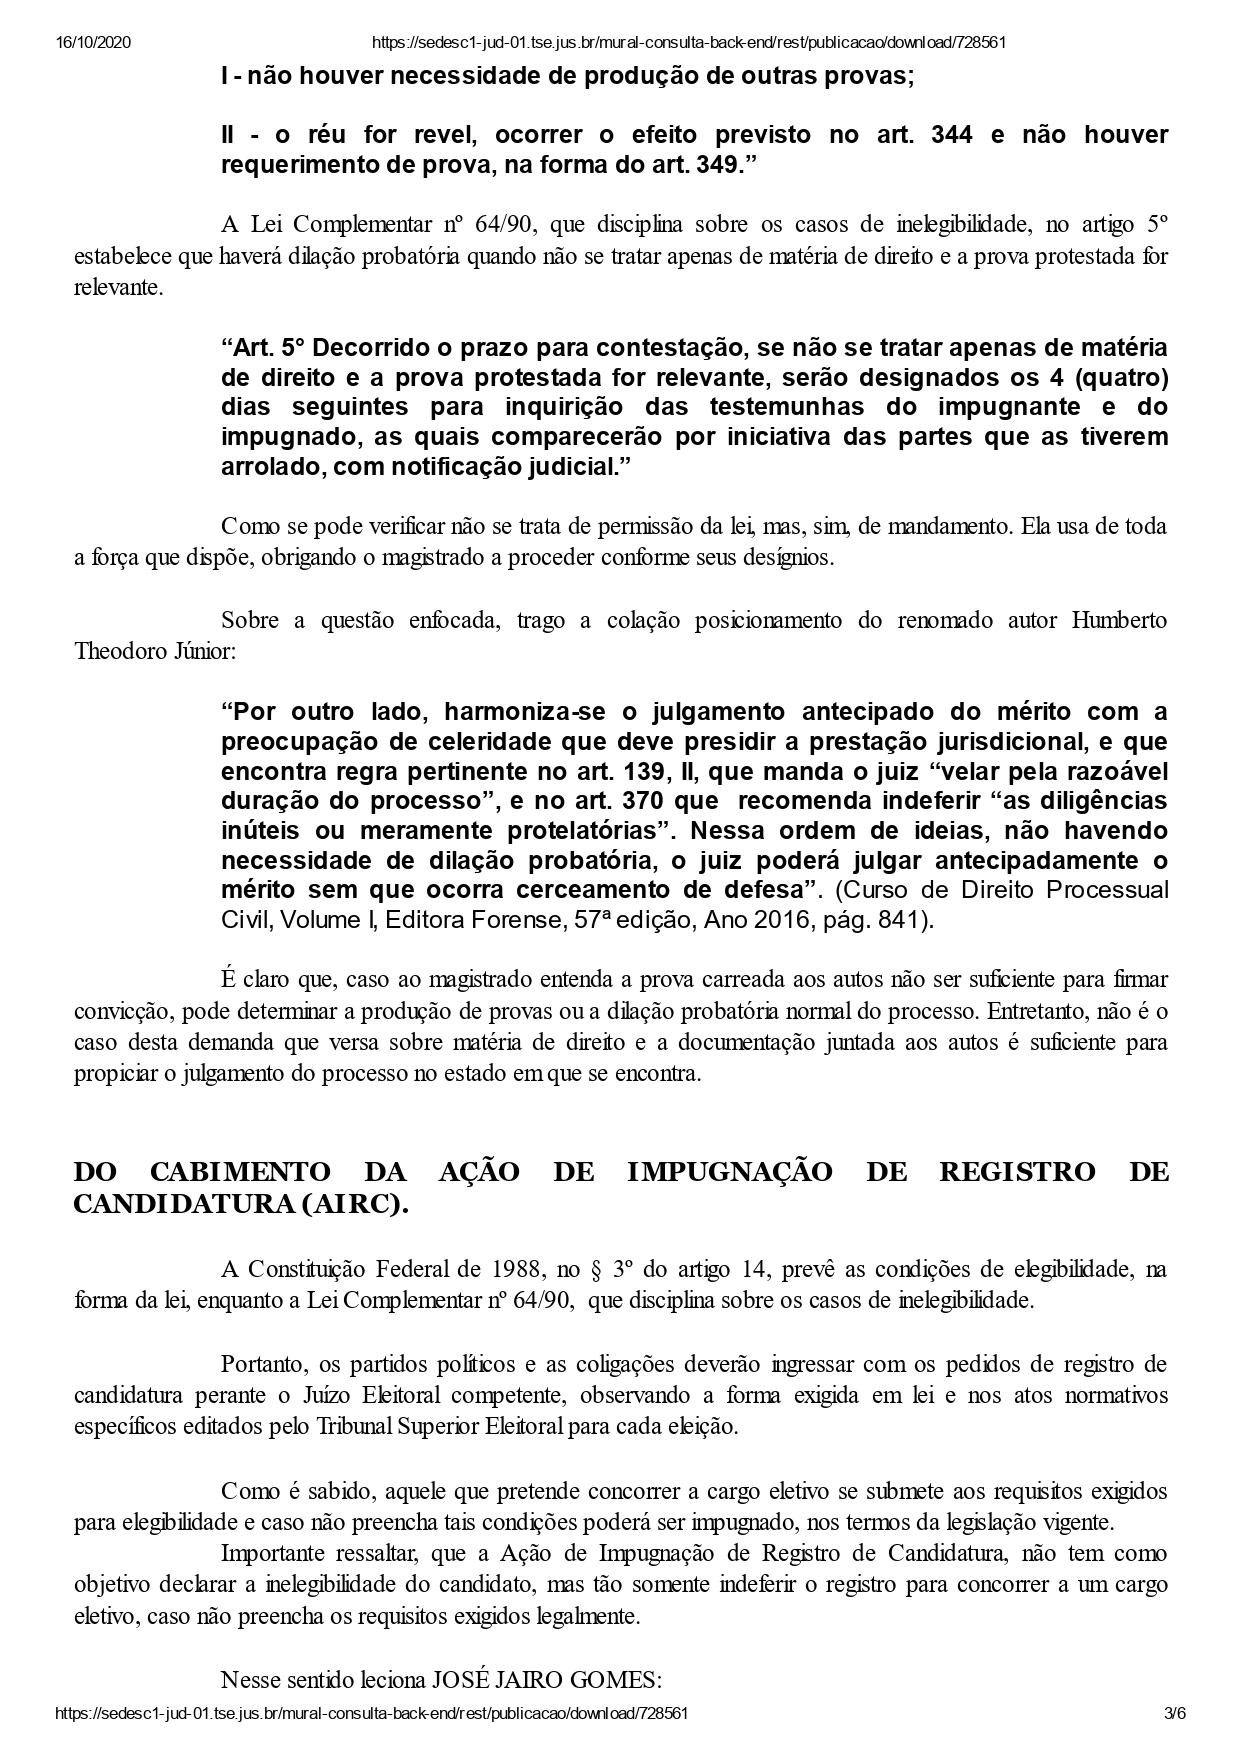 cachoeira dos indios mabel page 0003 - DECISÃO: Justiça Eleitoral indefere registros dos dois únicos candidatos a prefeito de Cachoeira dos Índios